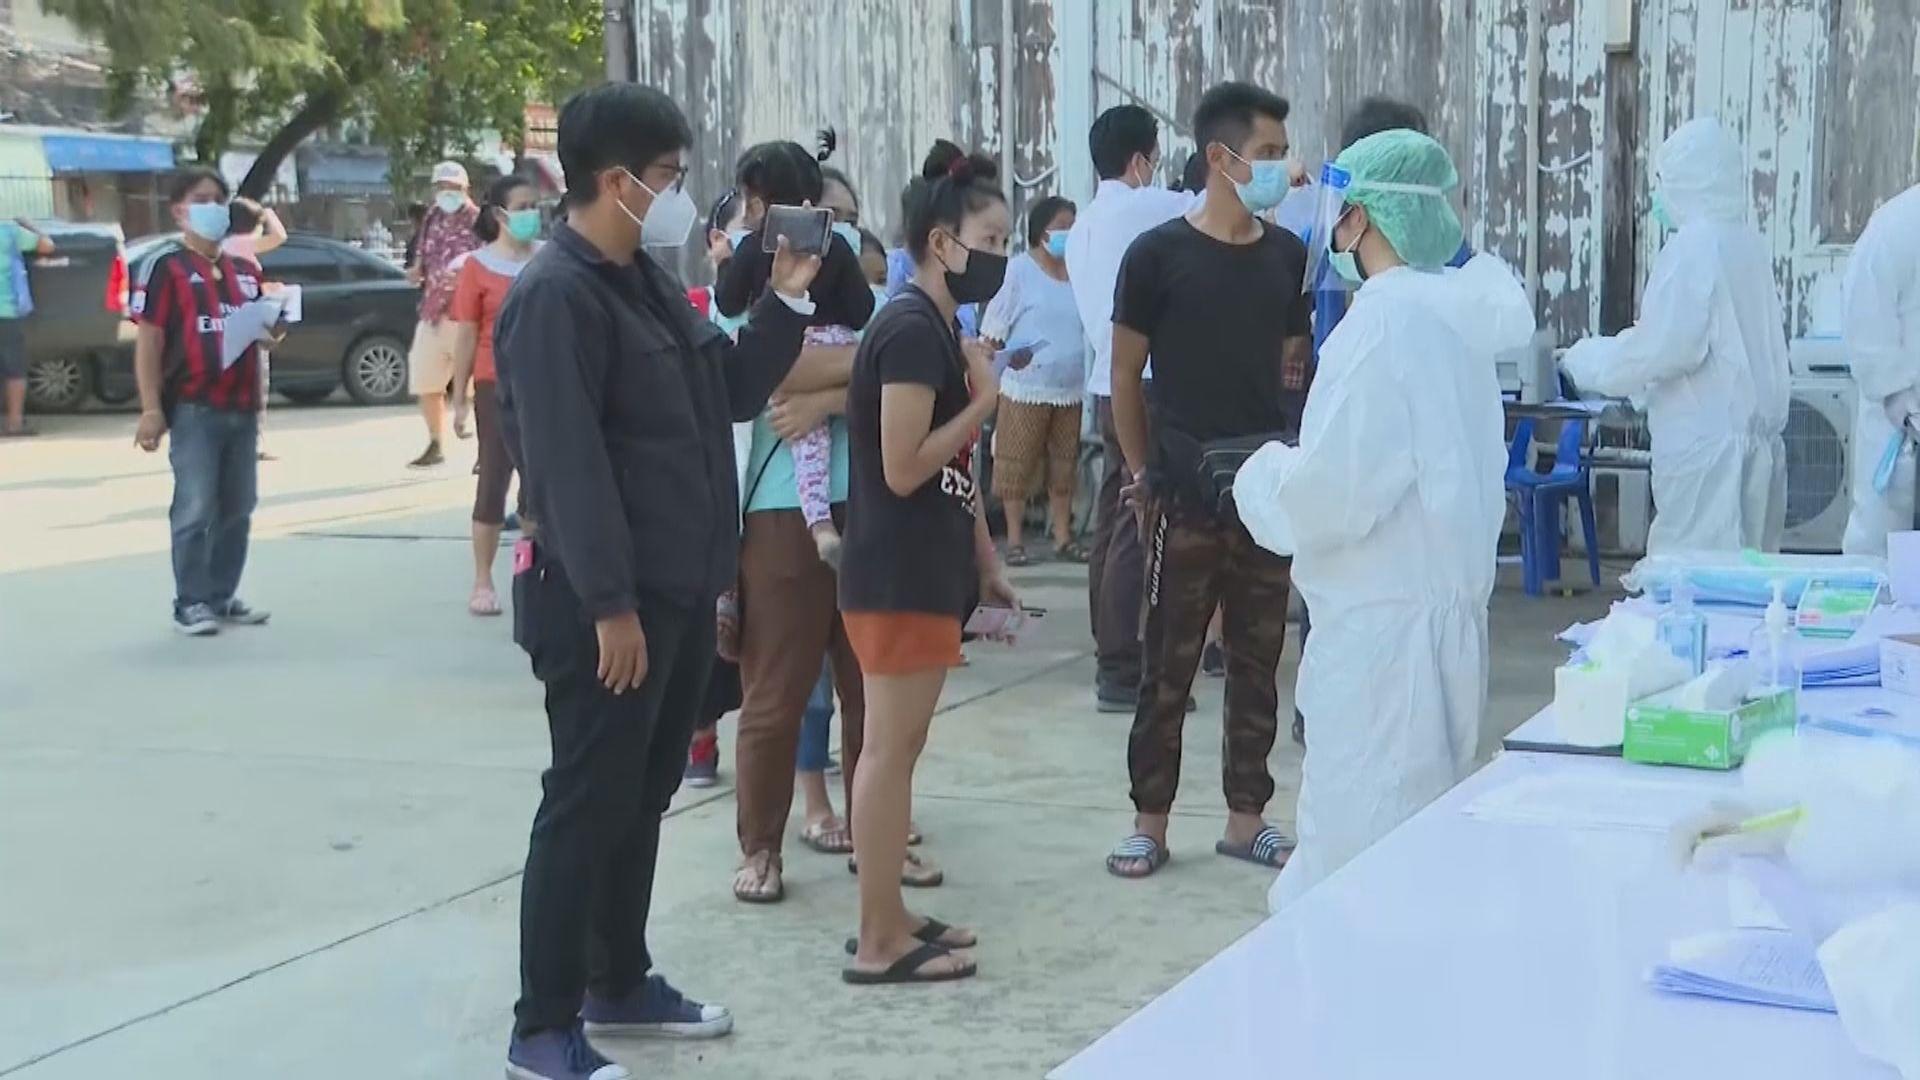 亞洲多地新冠疫情持續 泰國增近萬宗確診創單日新高